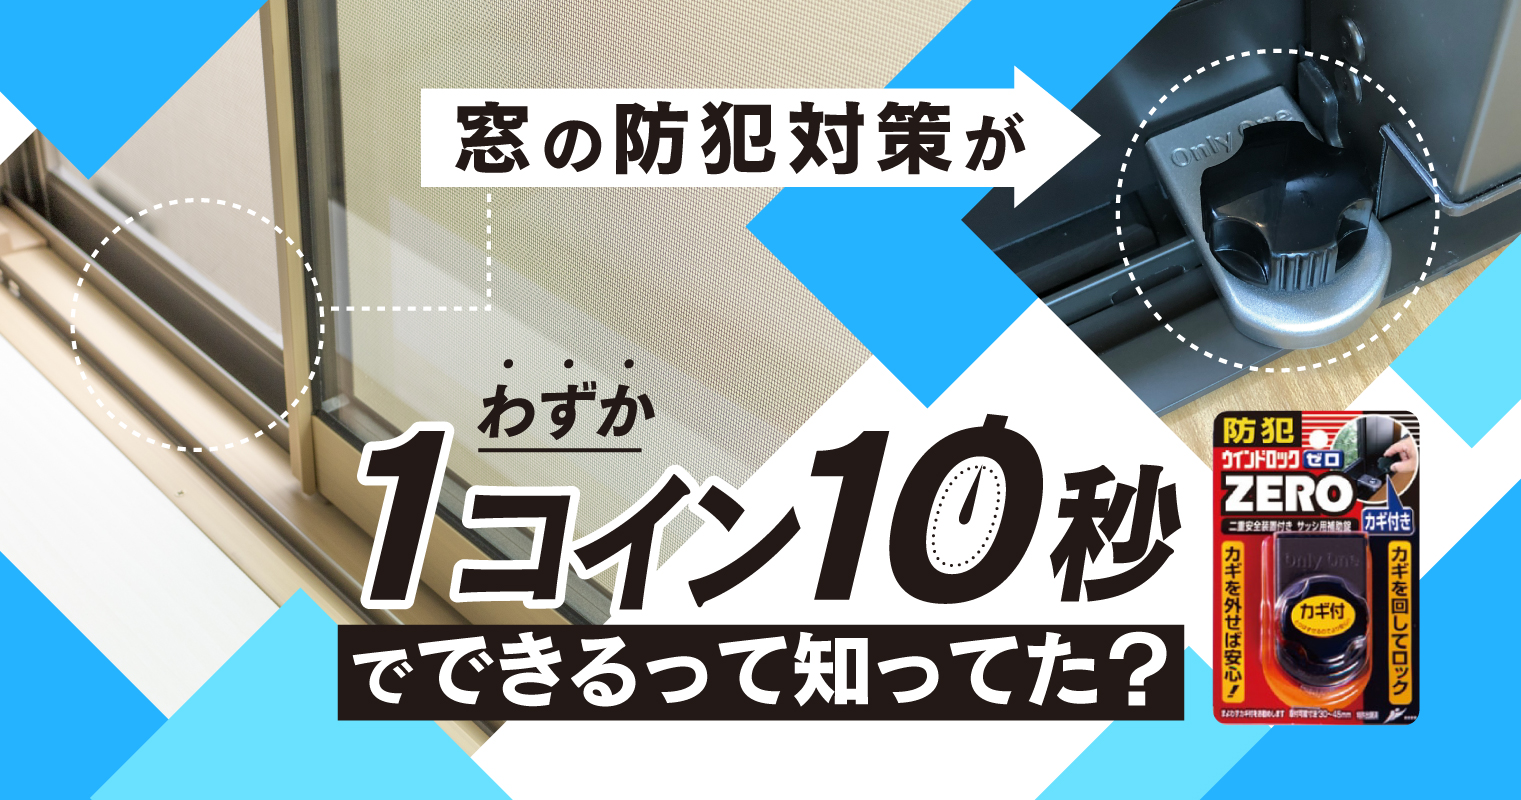 窓の防犯対策がわずか「1コイン10秒」でできるって知ってた?